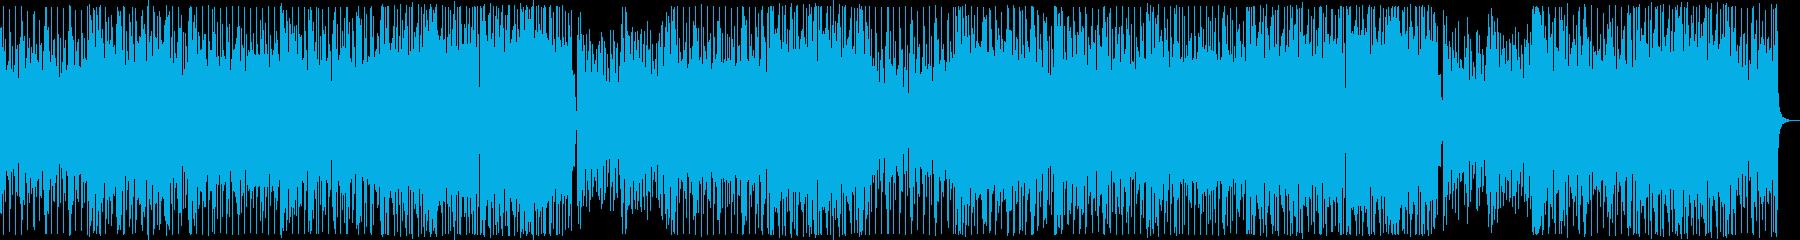 アダルトなファンク女声コーラス:フル2回の再生済みの波形